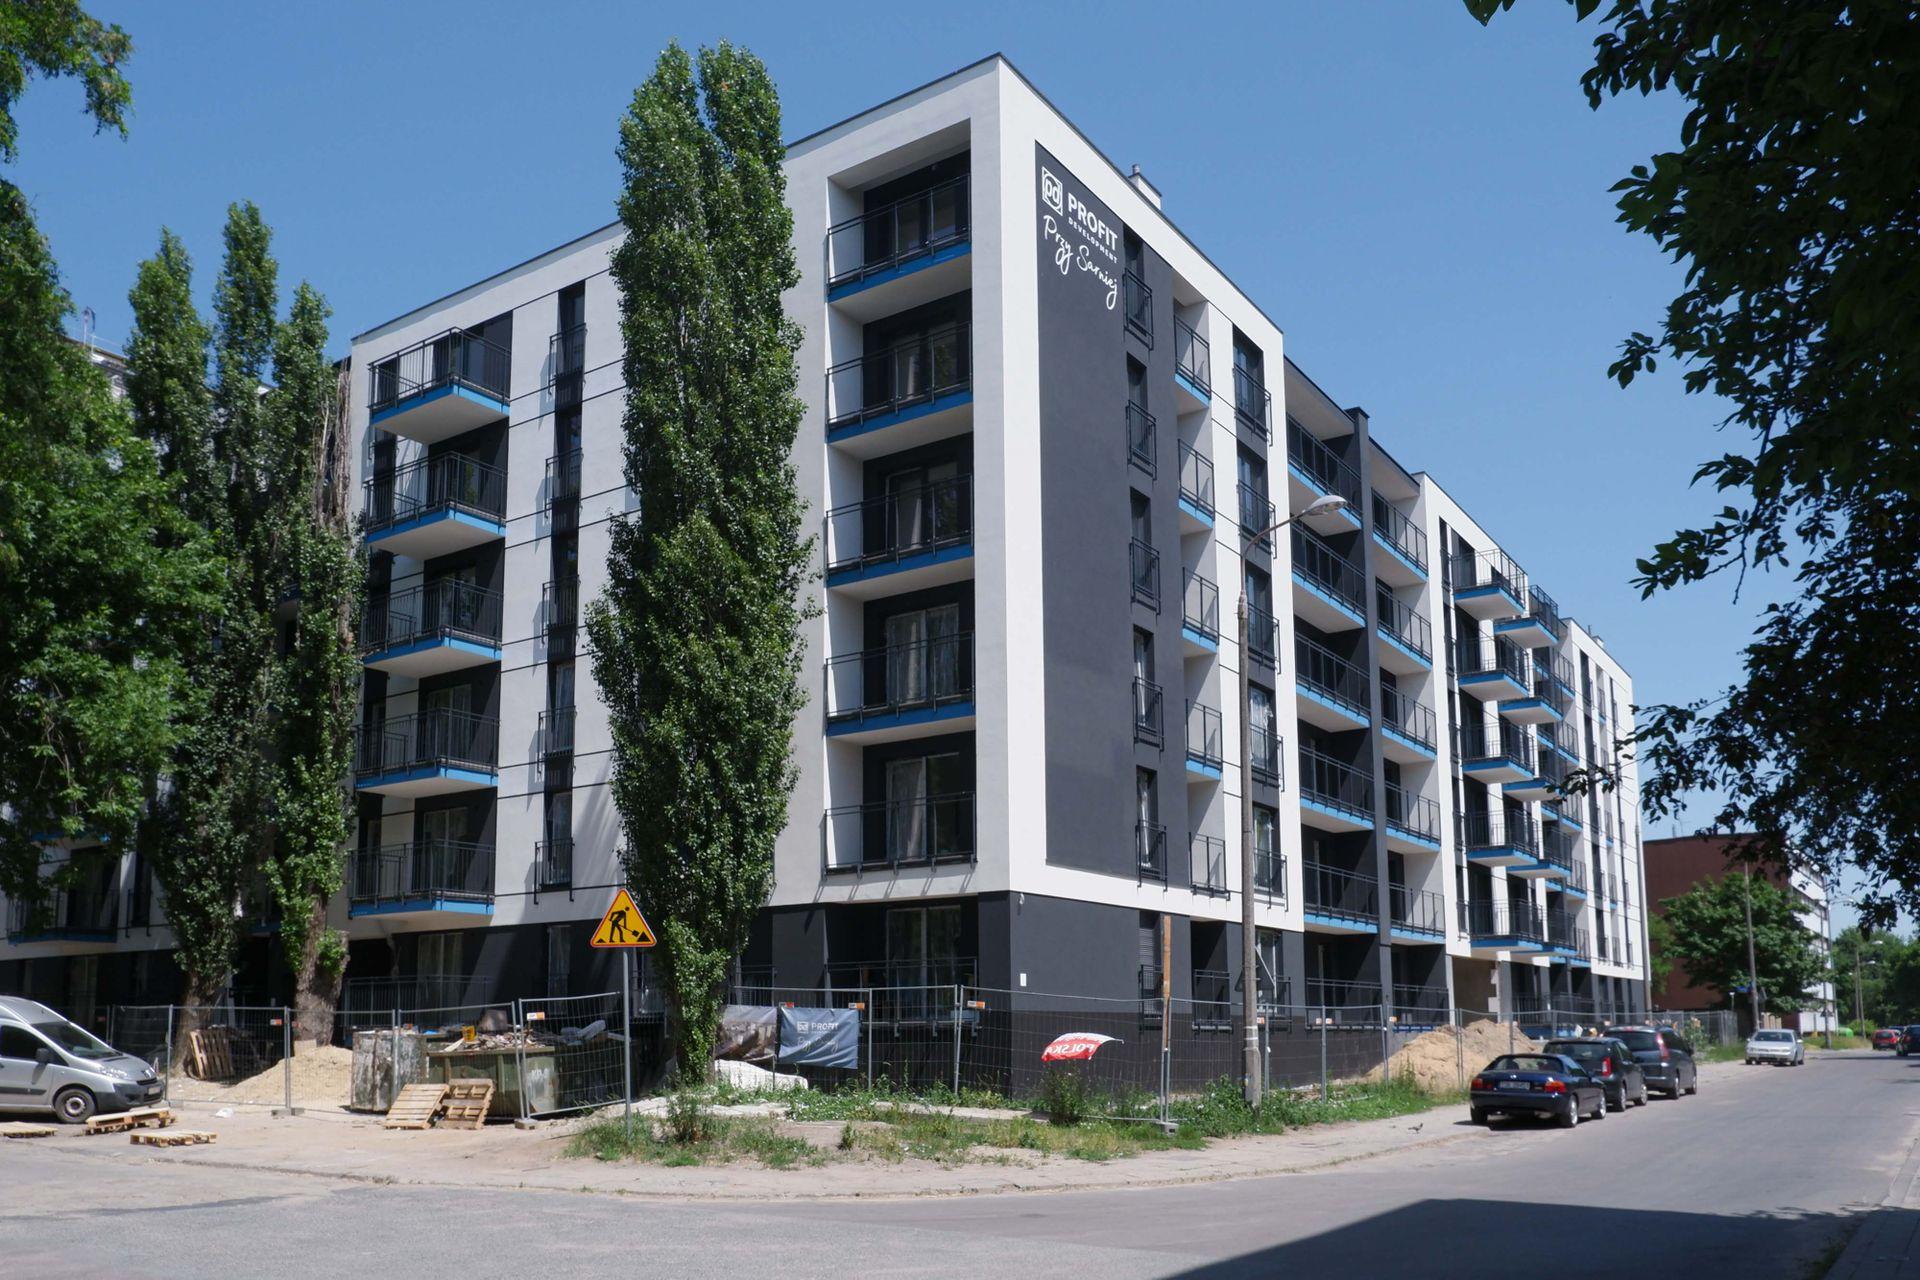 Łódź: Zamieszkaj Przy Sarniej – gotowe mieszkania od Profit [FILM]